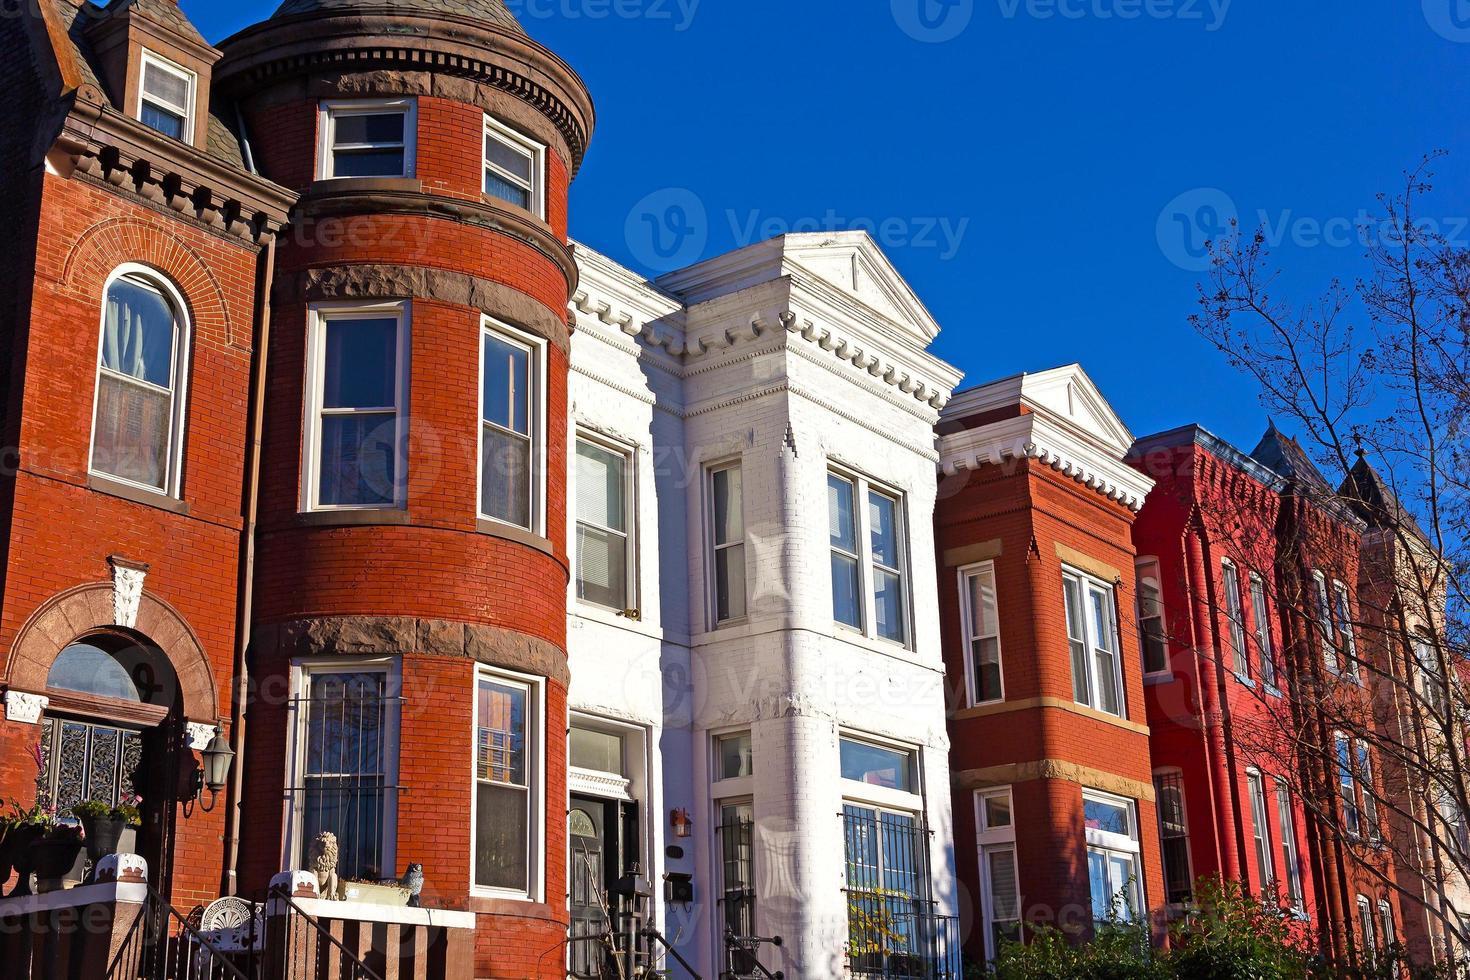 storica architettura urbana nel sobborgo di Mount Vernon a Washington DC. foto